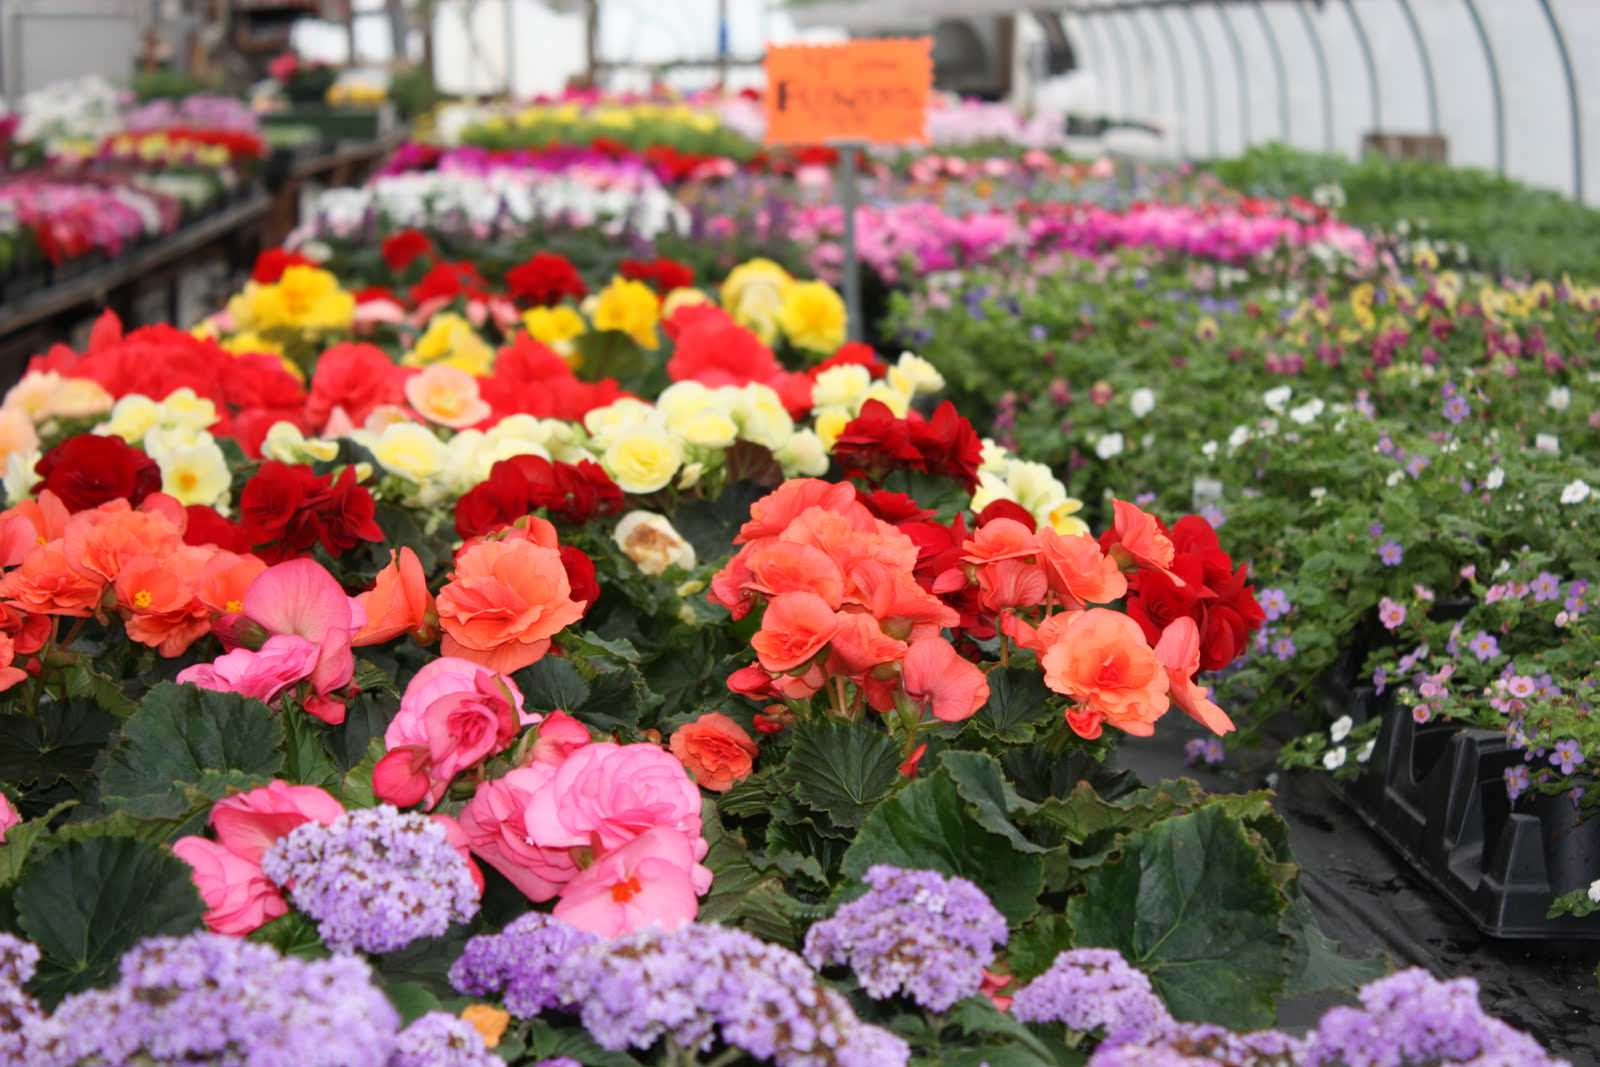 Чтобы бизнес процветал, нужно позаботиться о хороших сортах цветов